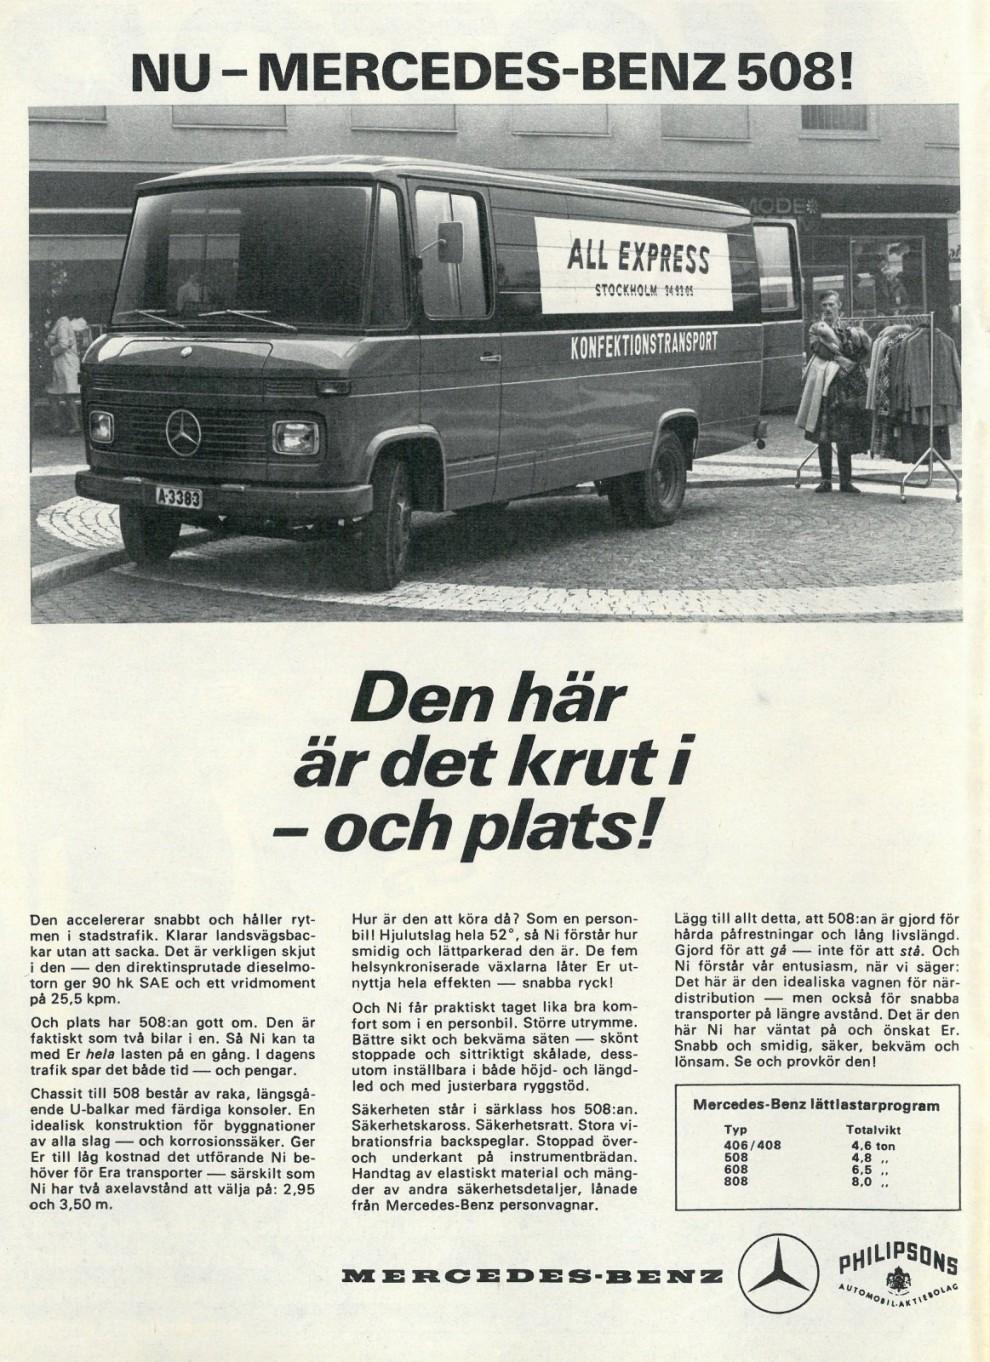 Nyttobilar säljs med andra argument. Mercedes 1968